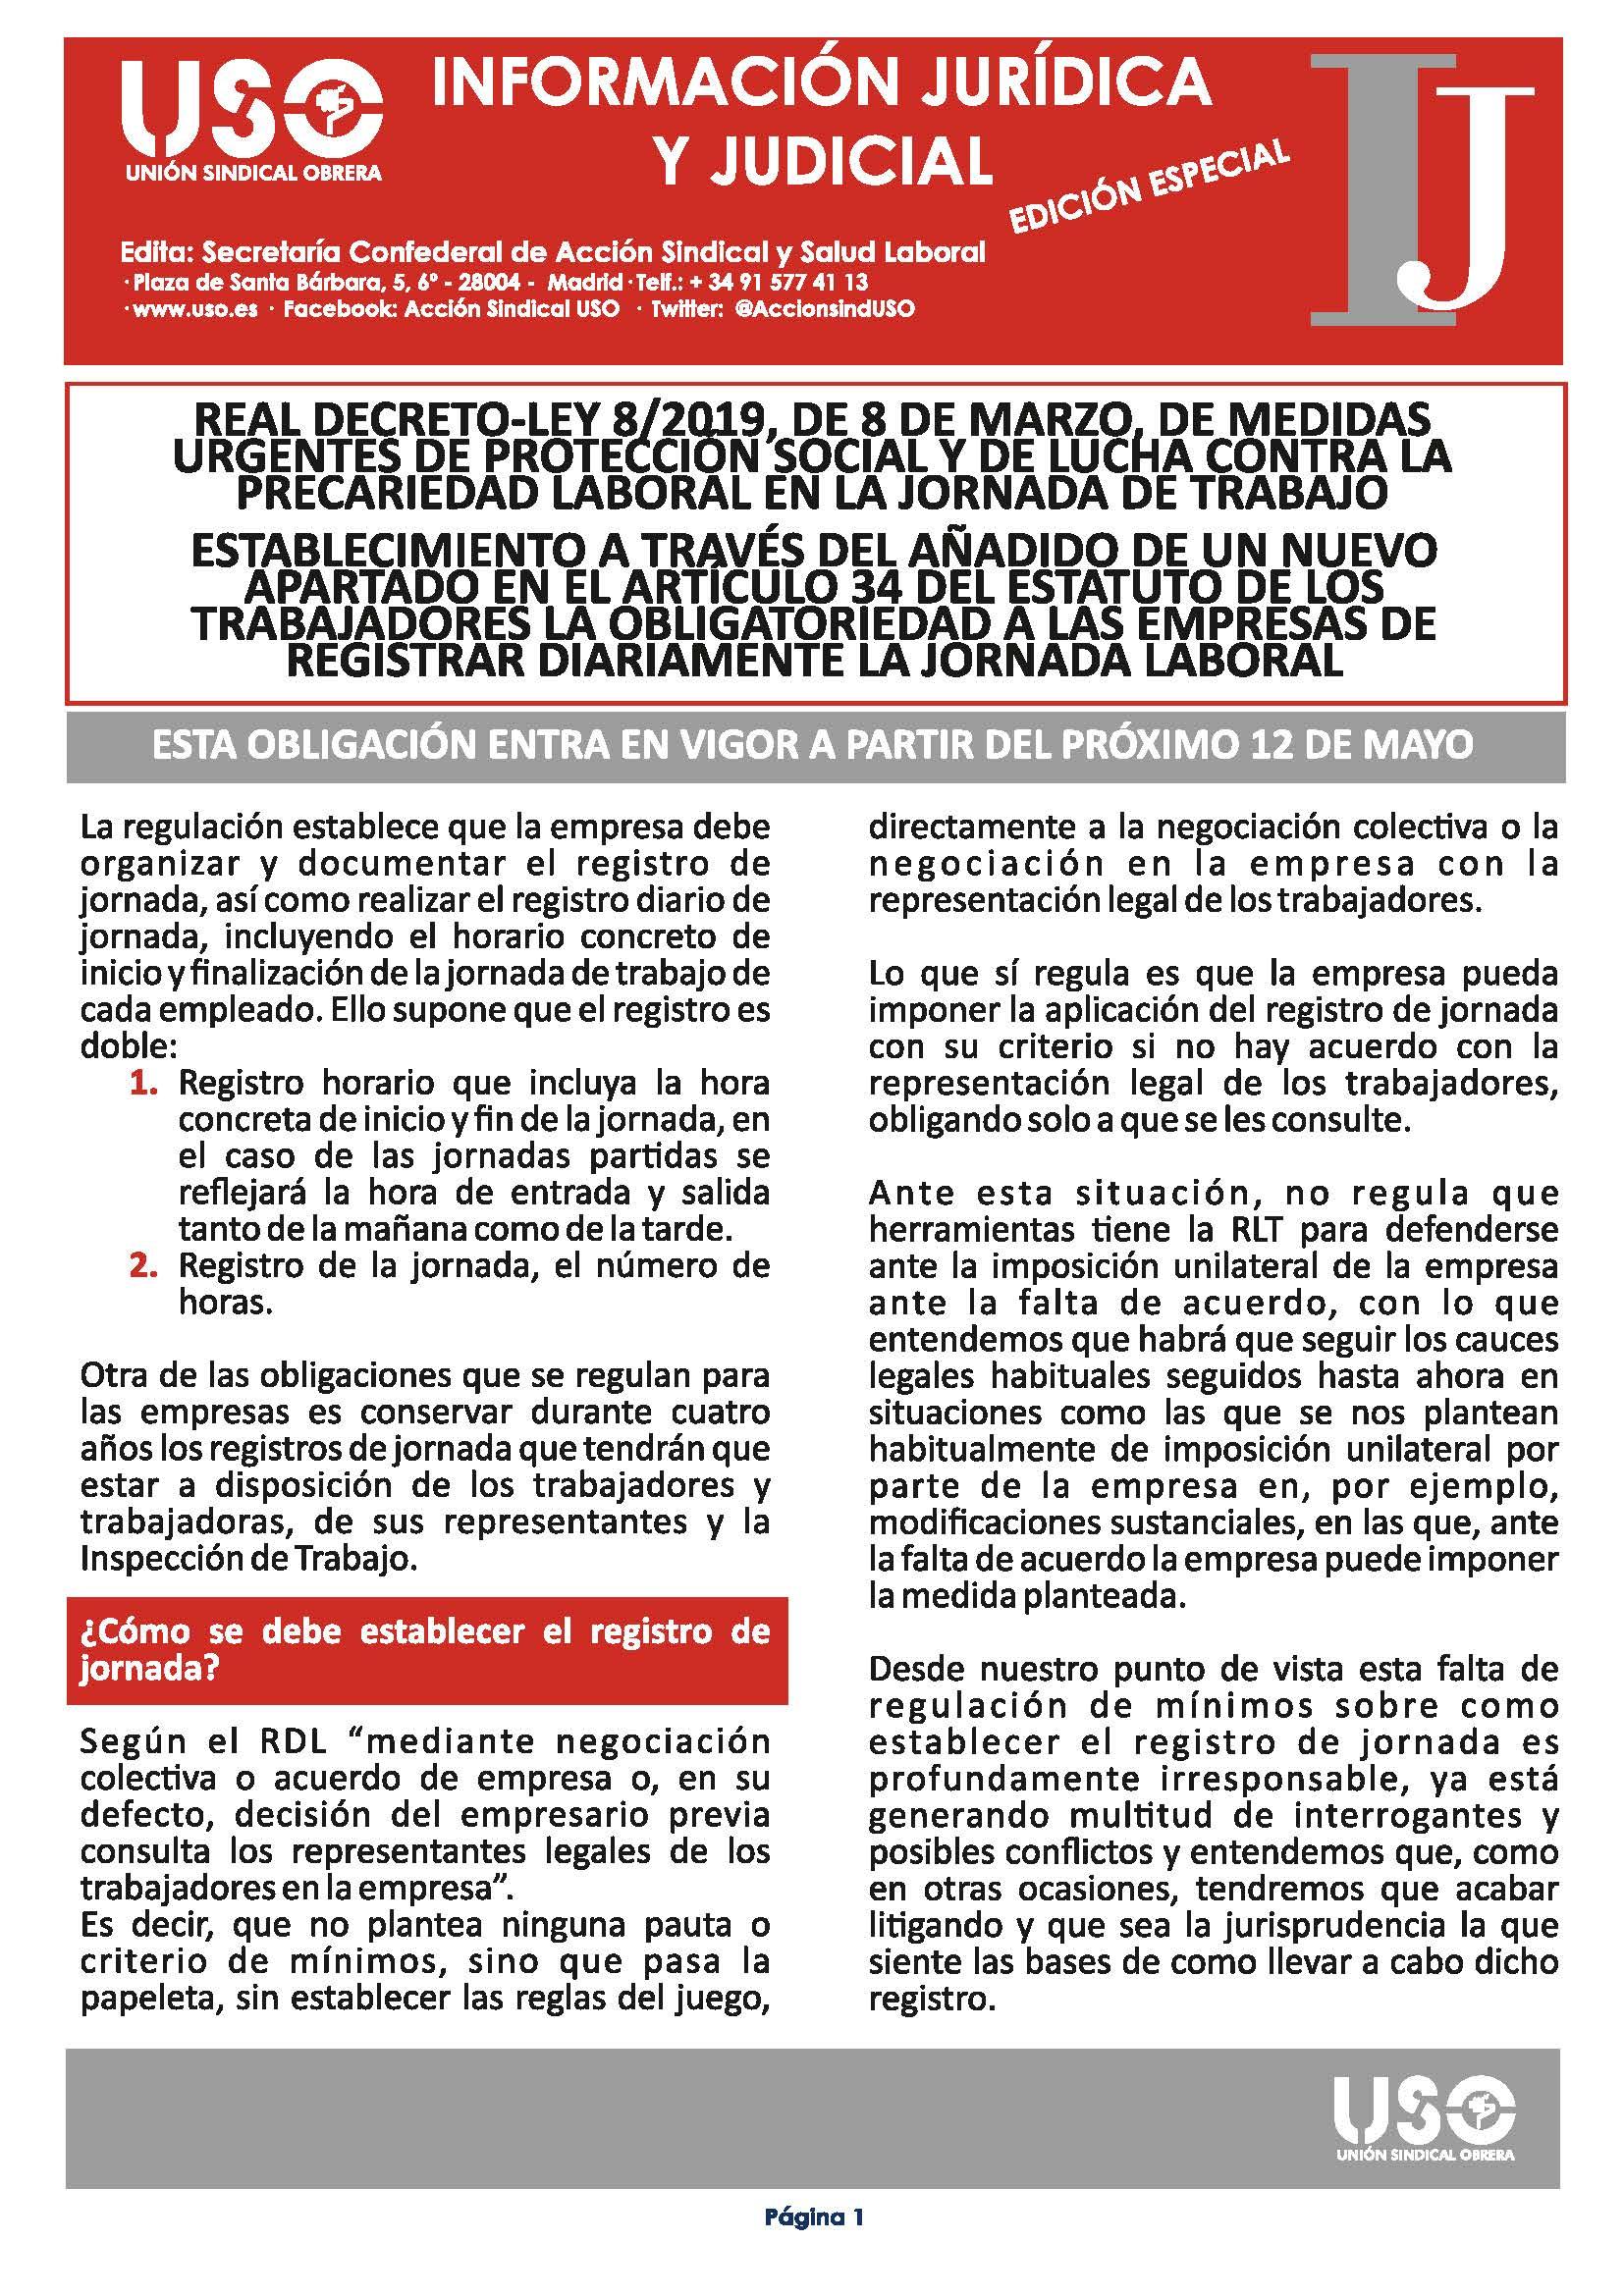 Información Jurídica y Judicial. Edición especial Registro de Jornada